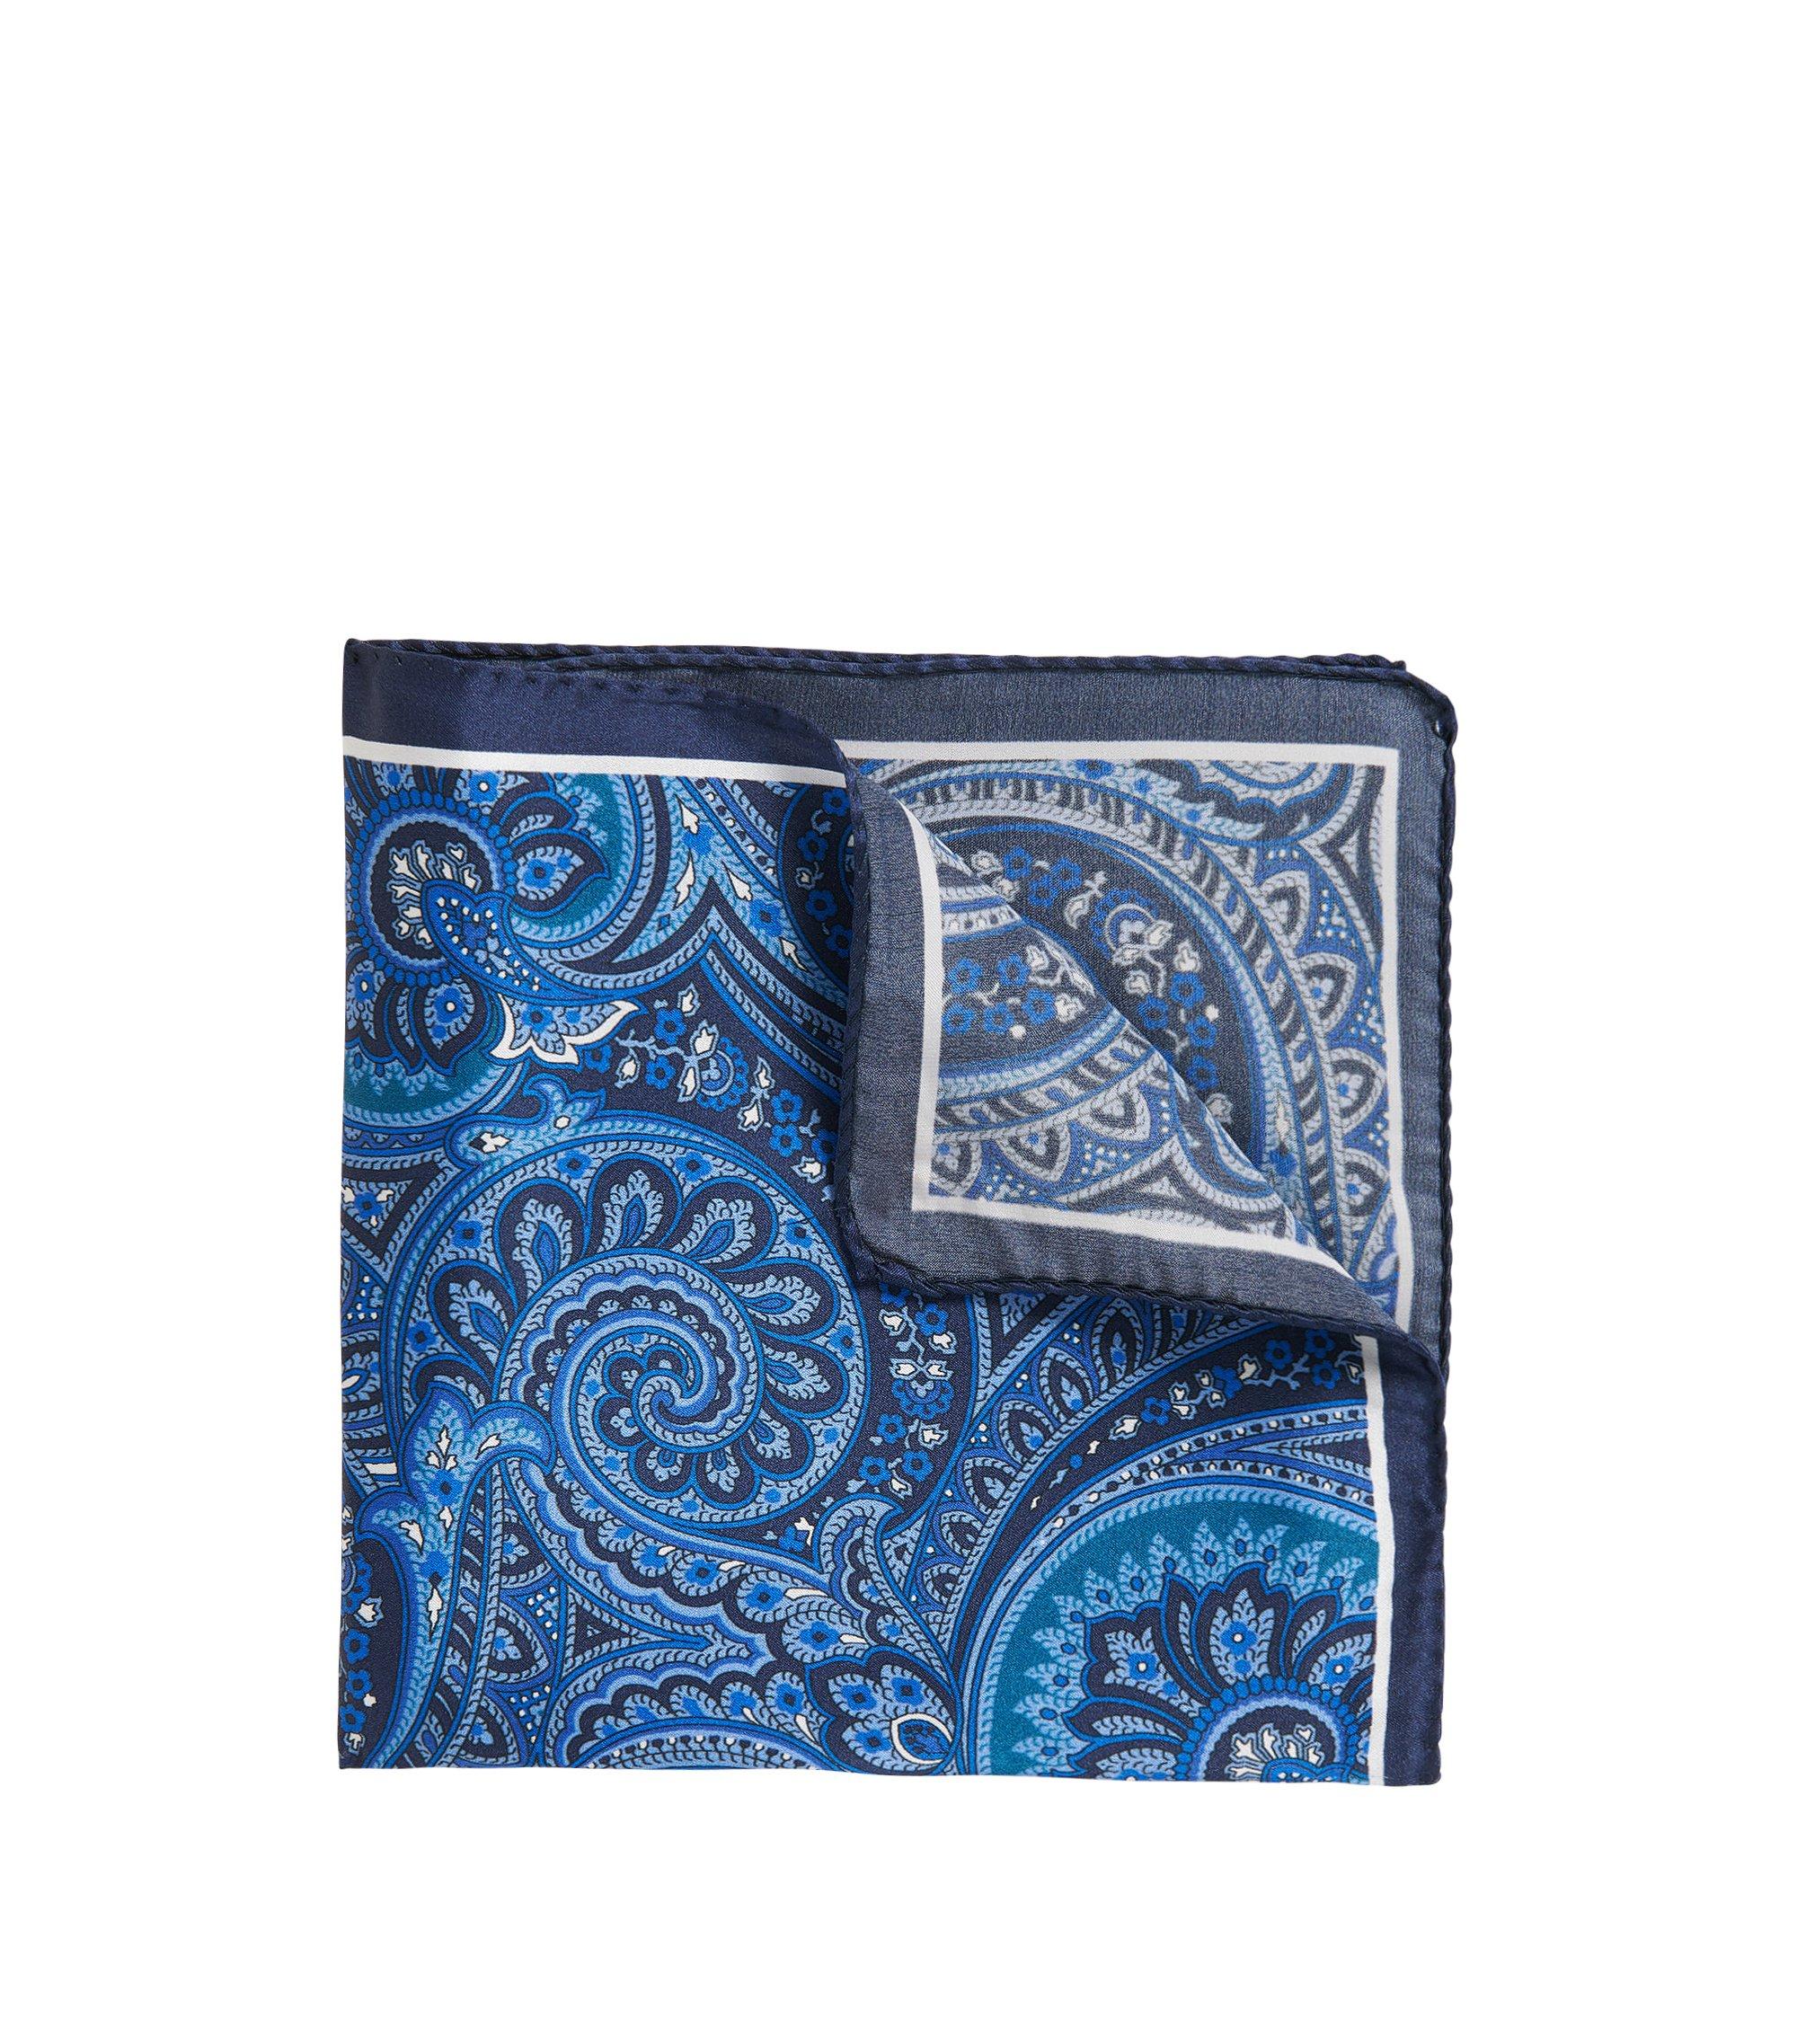 Einstecktuch aus edler Seide mit Paisley-Muster, Türkis